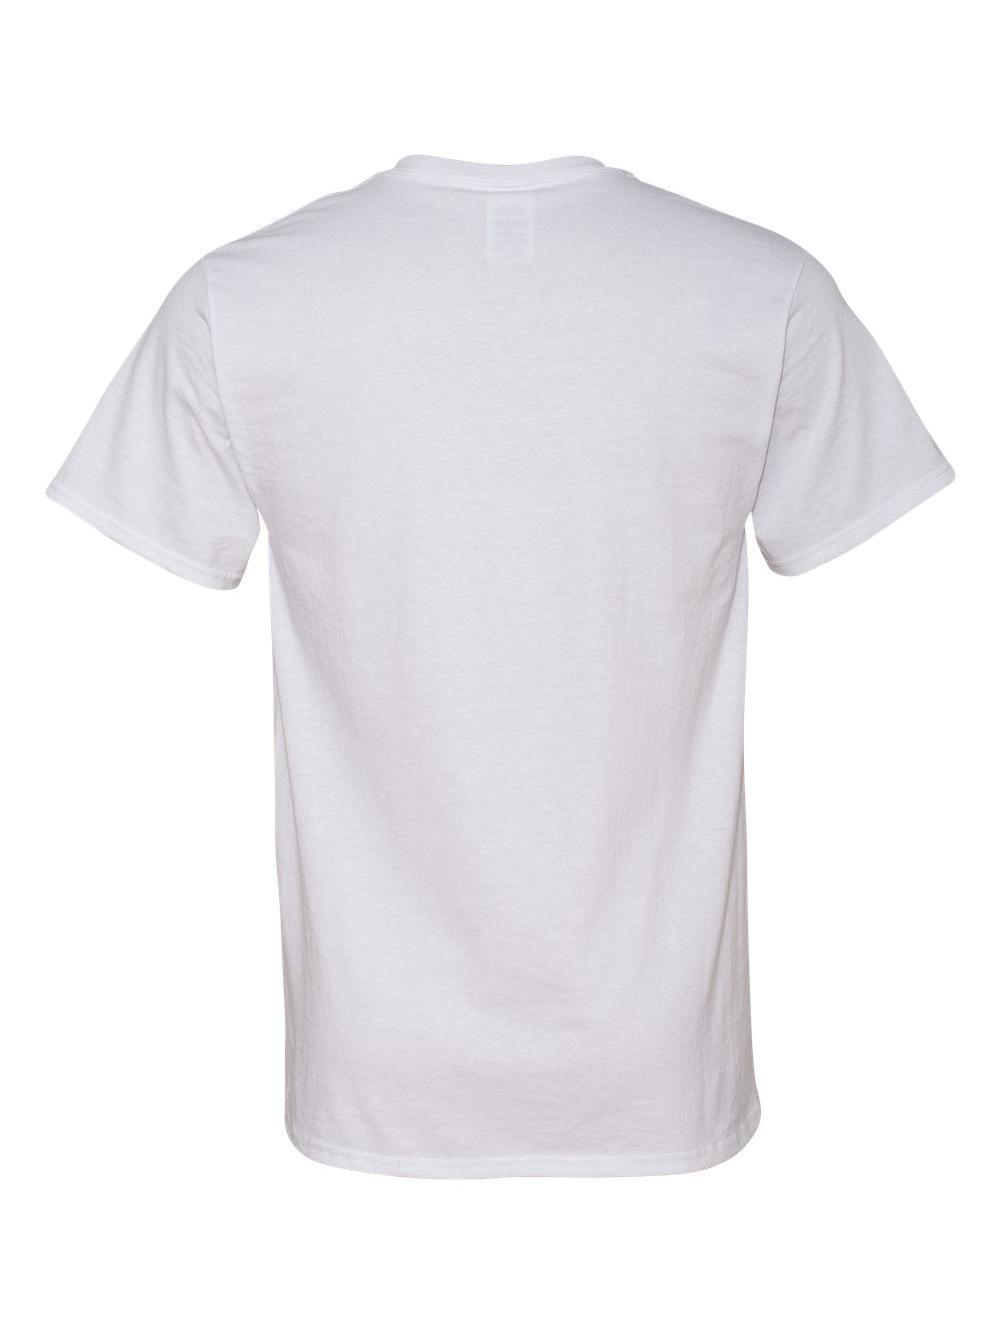 Jerzees-Dri-Power-Tall-50-50-T-Shirt-29MT thumbnail 25